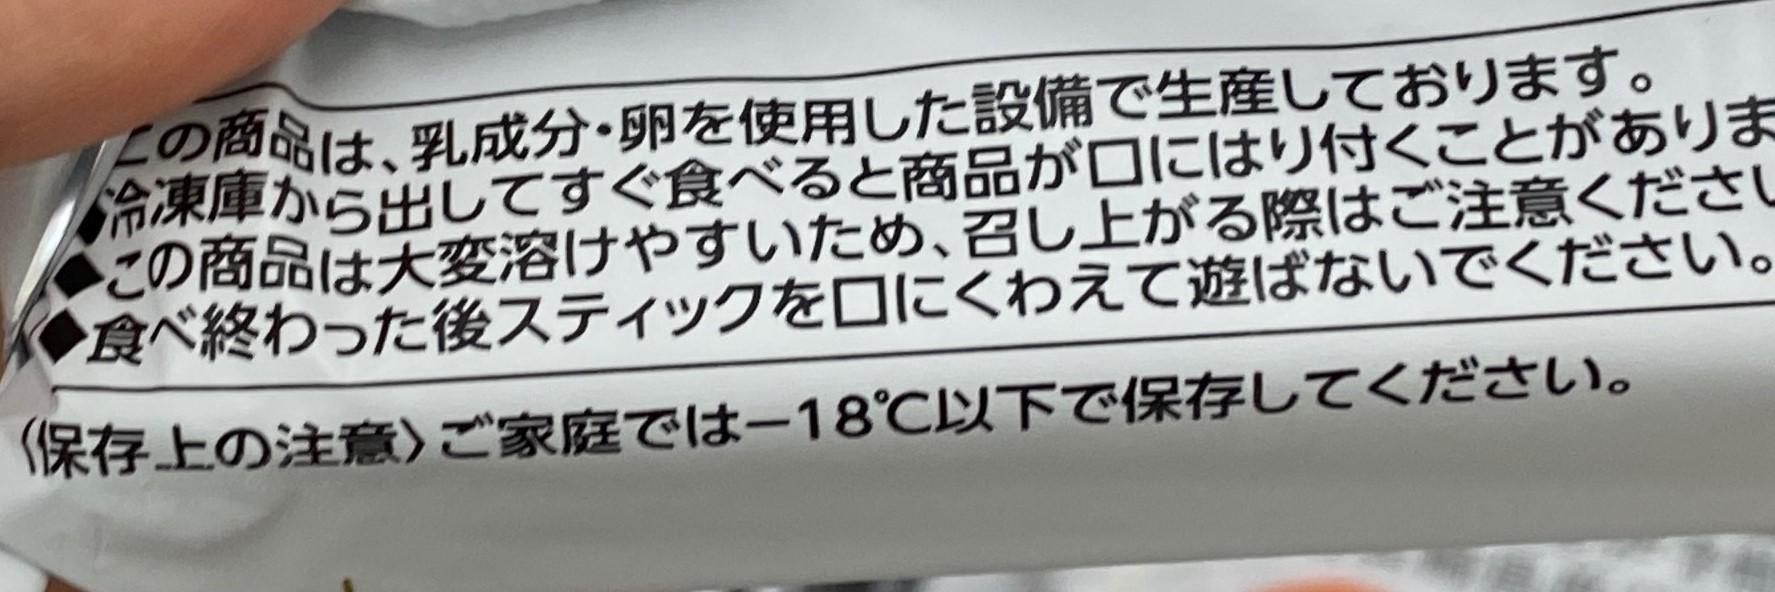 Lawson Uchi Cafe Japanese Fruits Iyokan from Ehime Prefecture & Hyuganatsu from Miyazaki Prefecture allergen information